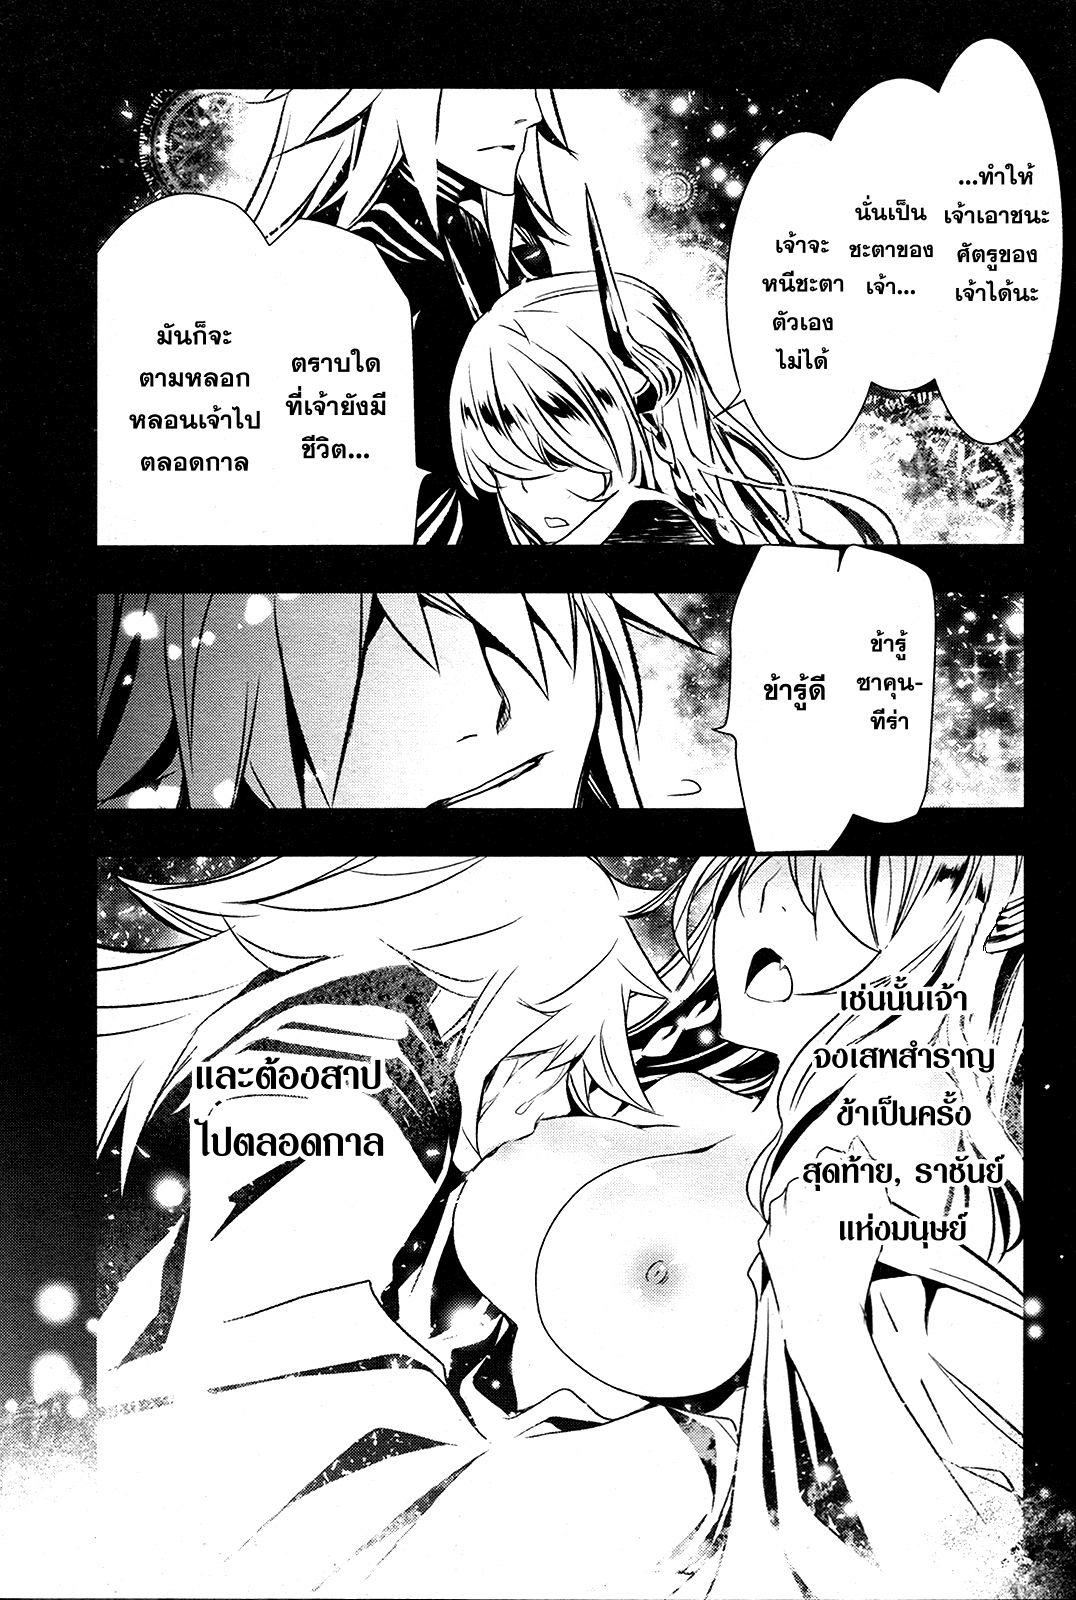 อ่านการ์ตูน Shinju no Nectar ตอนที่ 4 หน้าที่ 31